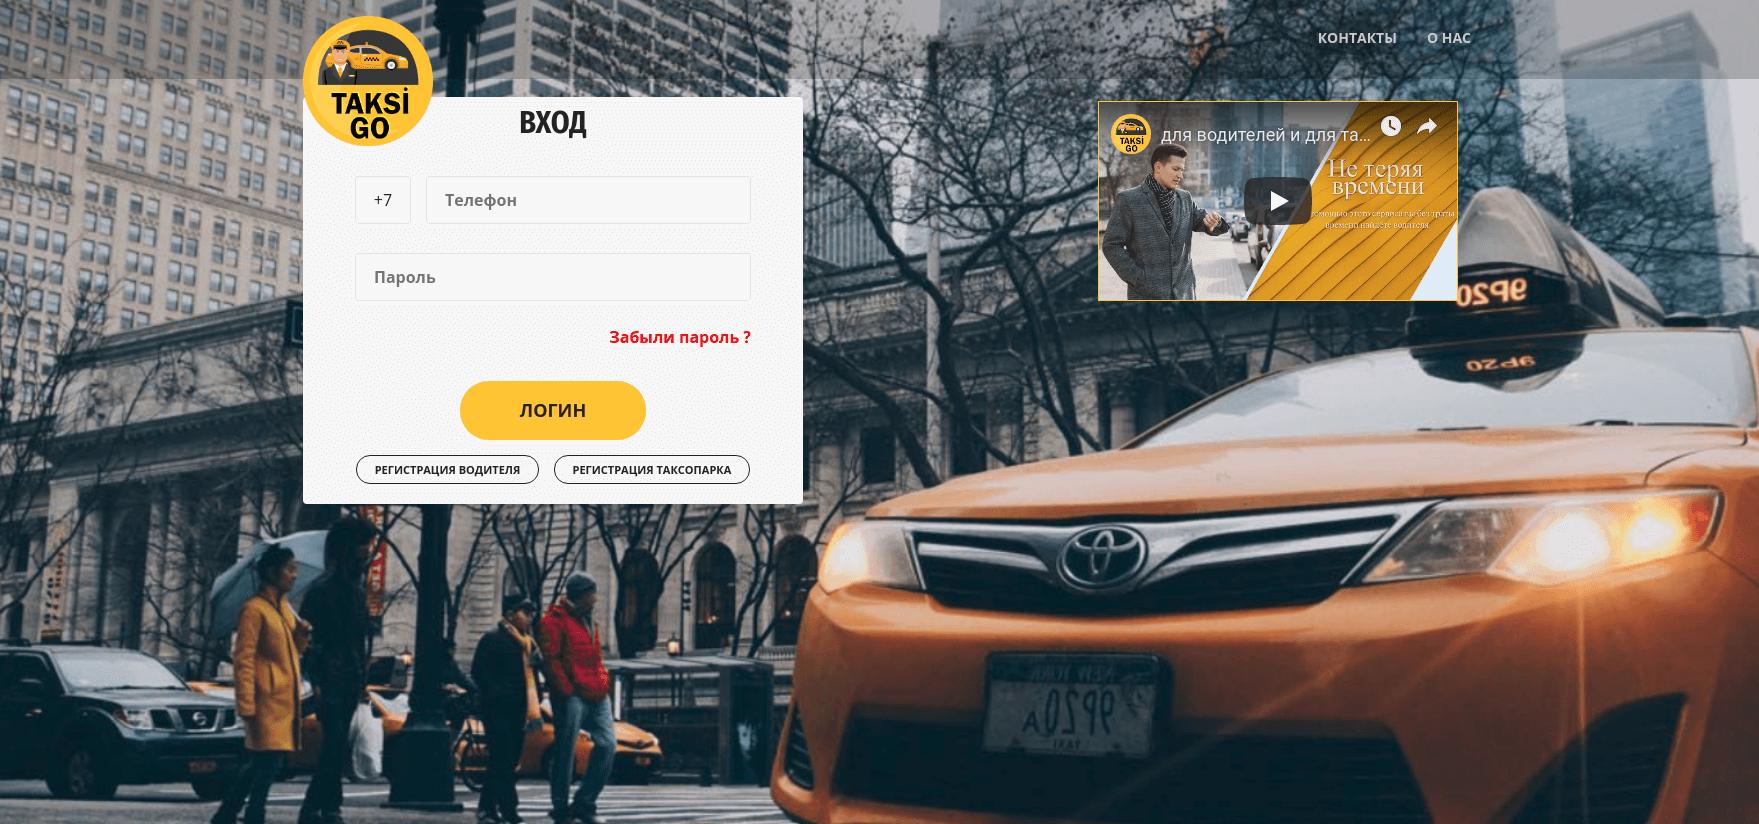 Taksi Go